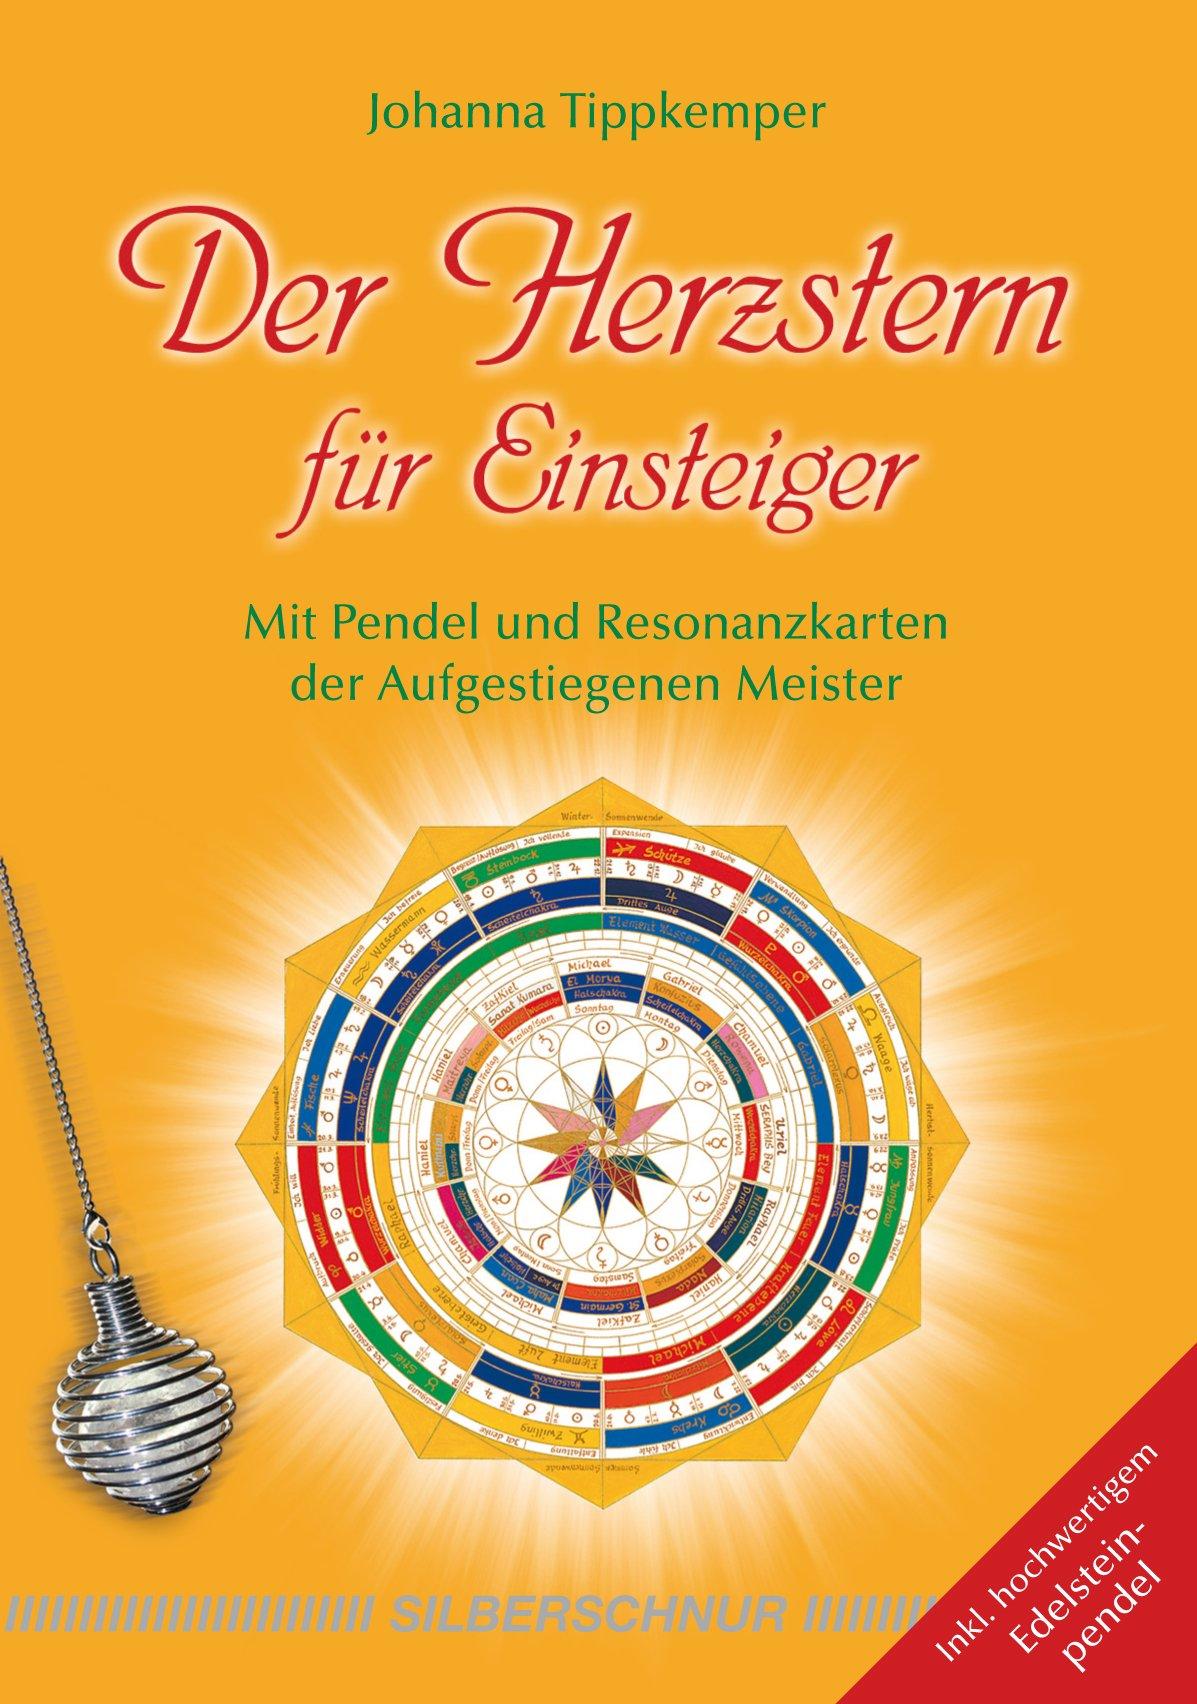 Der Herzstern für Einsteiger: Mit Pendel und Resonanzkarten der Aufgestiegenen Meister